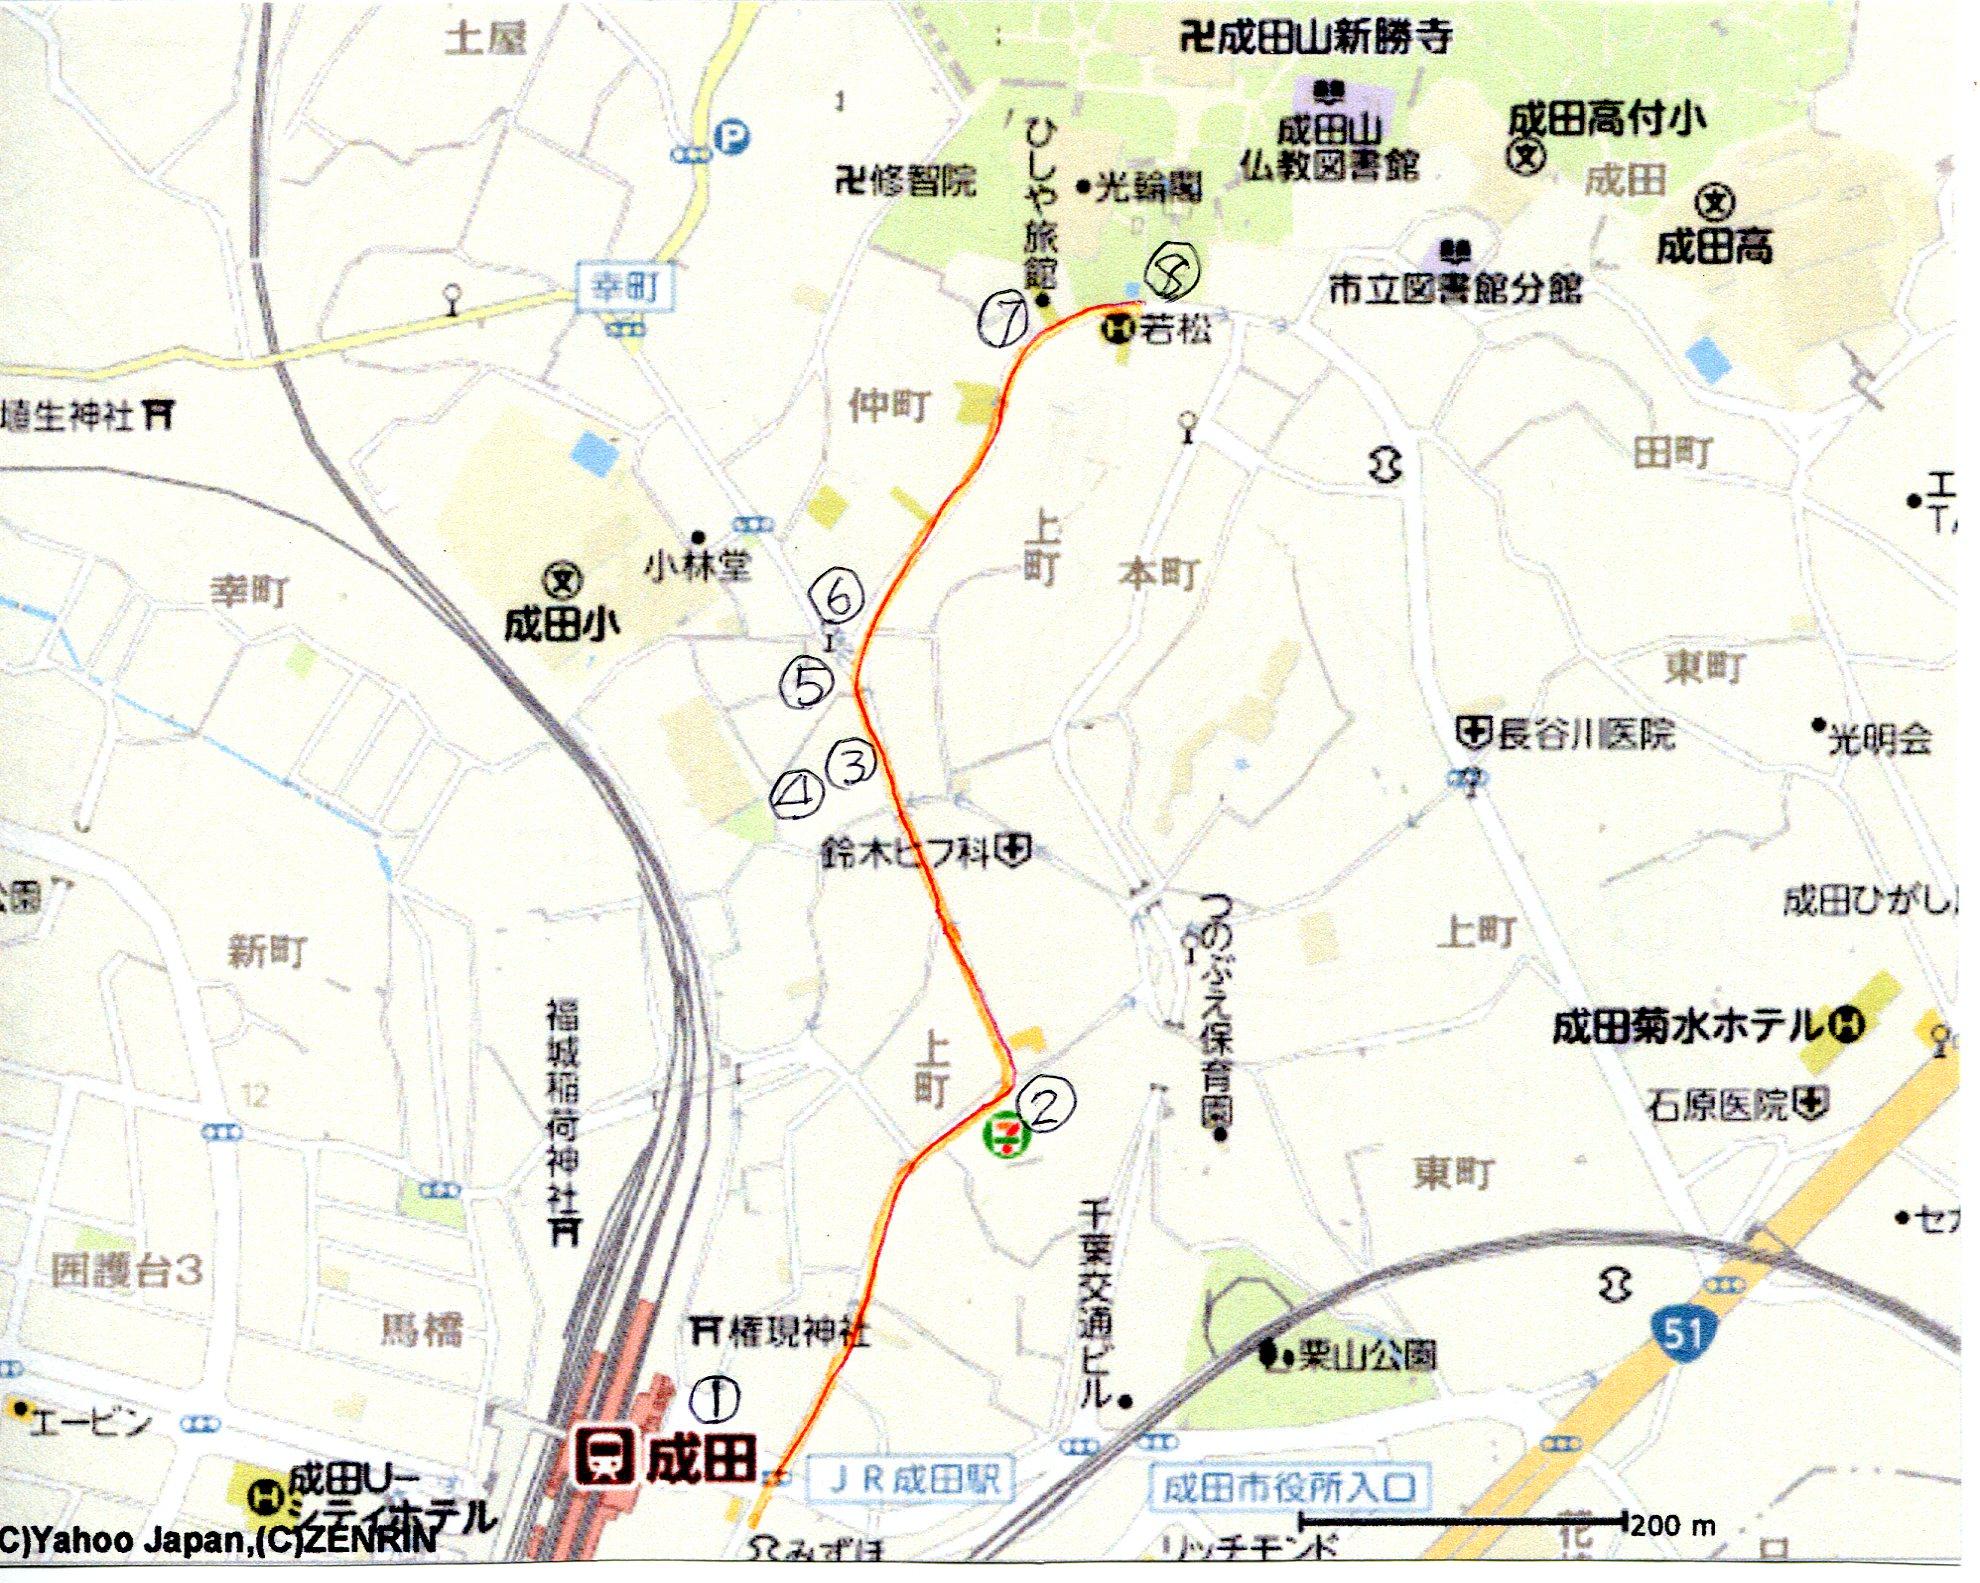 成田街道マップー6